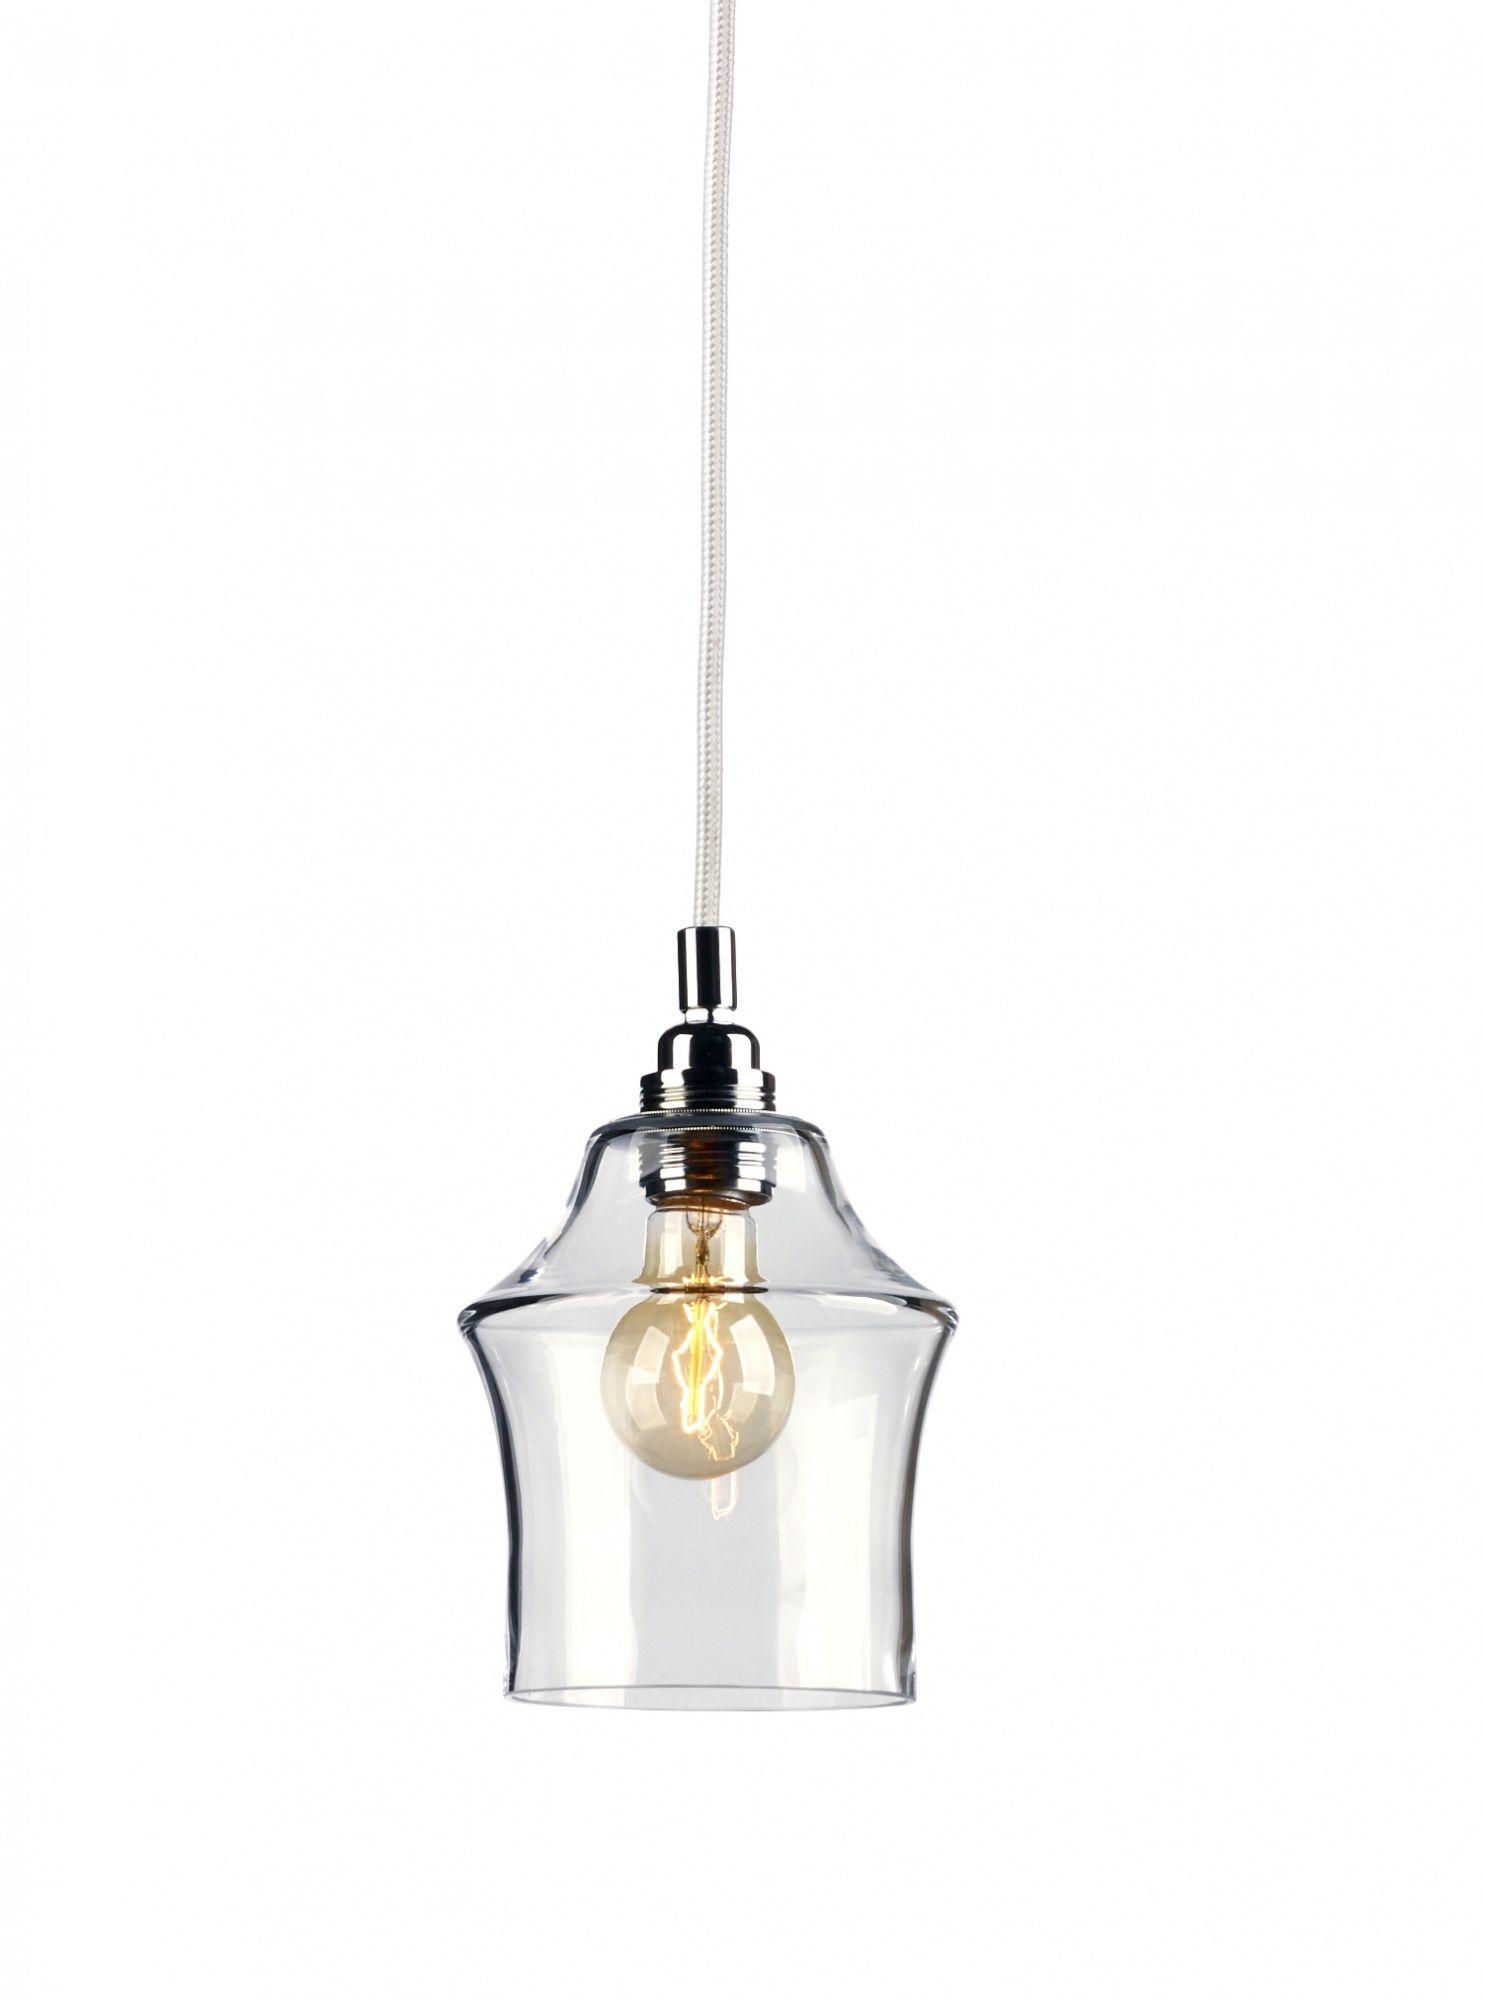 Lampa wisząca Longis II 10131109 oprawa przezroczysta / przewód biały Kaspa